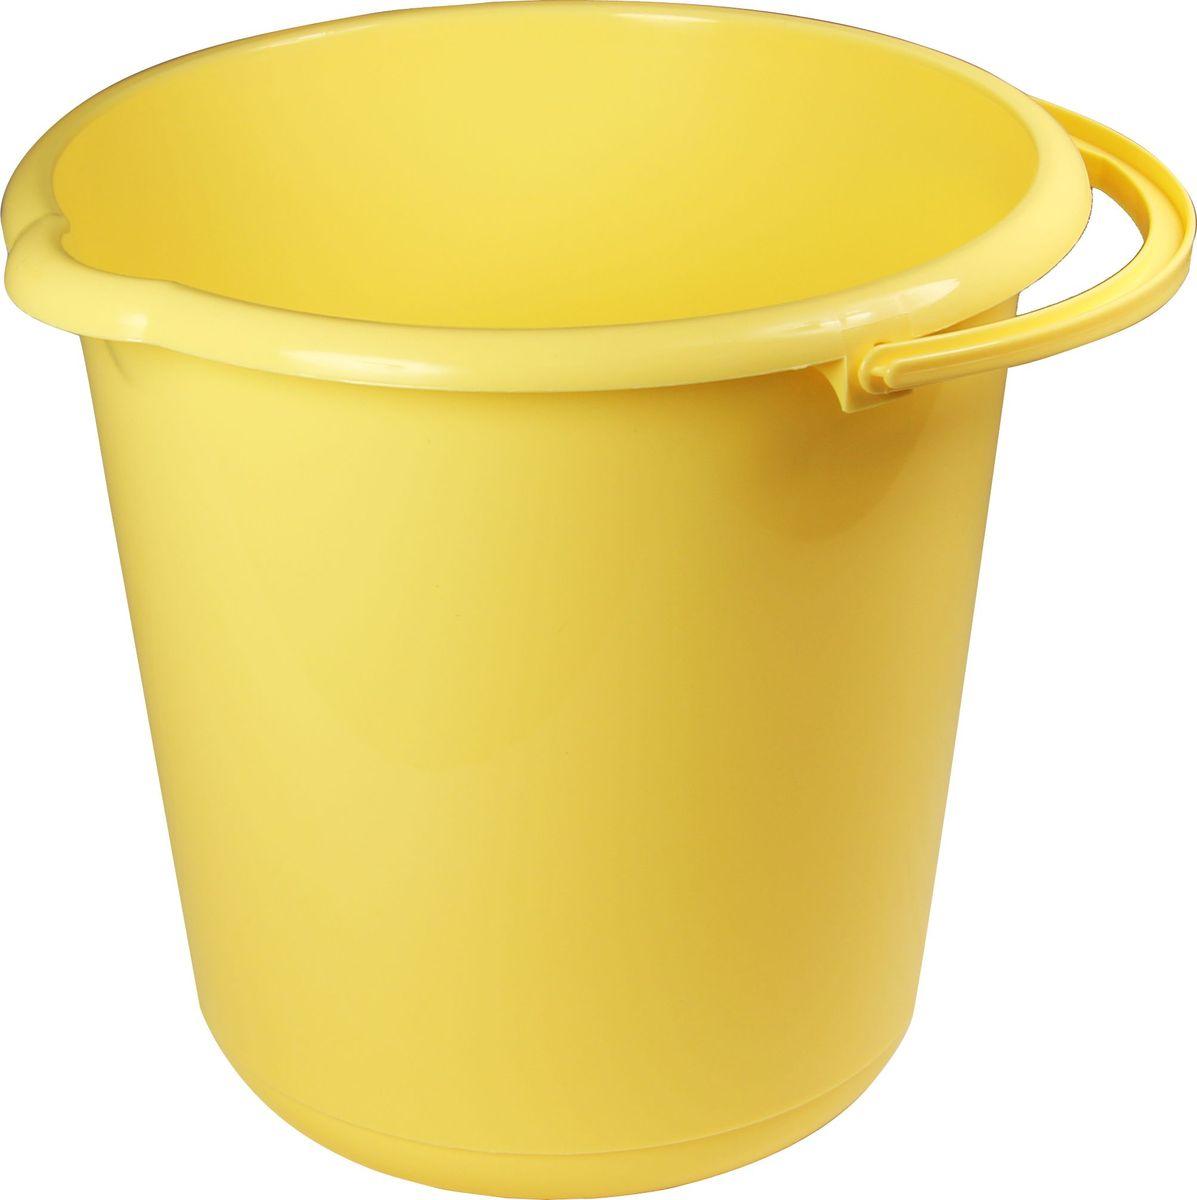 Ведро хозяйственное Idea, цвет: банановый, 15 л ведро idea цвет марморный 10 л